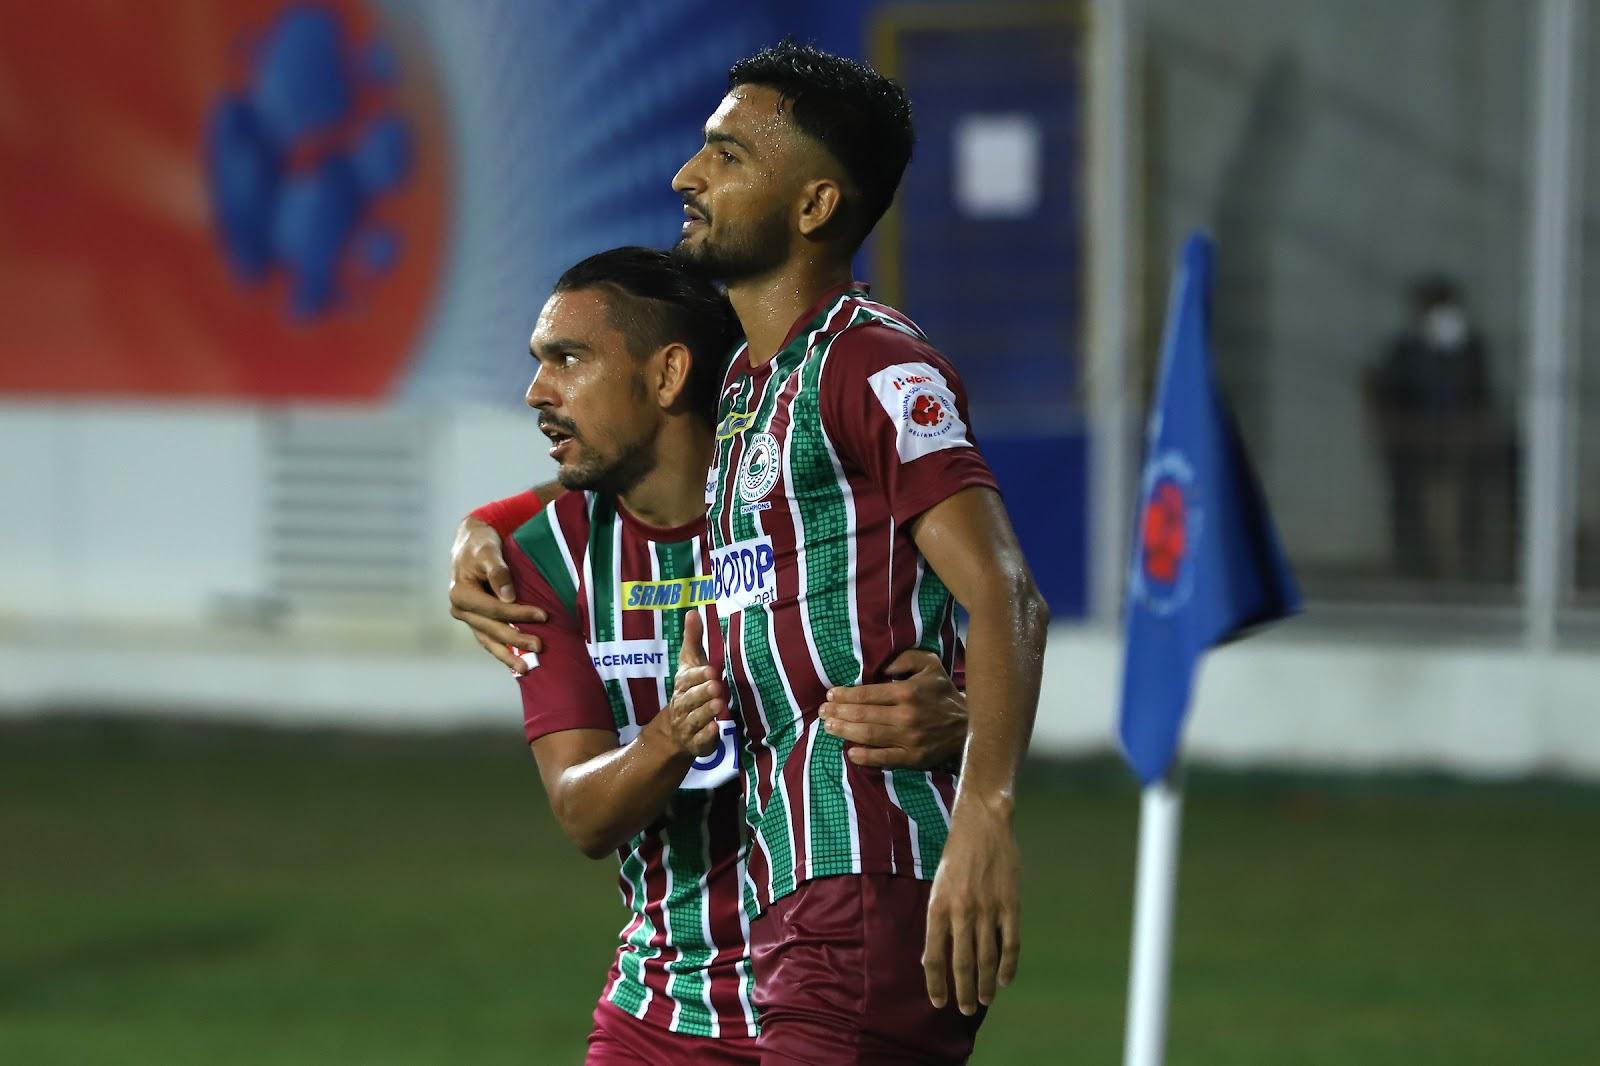 Manvir Singh celebrating his goal